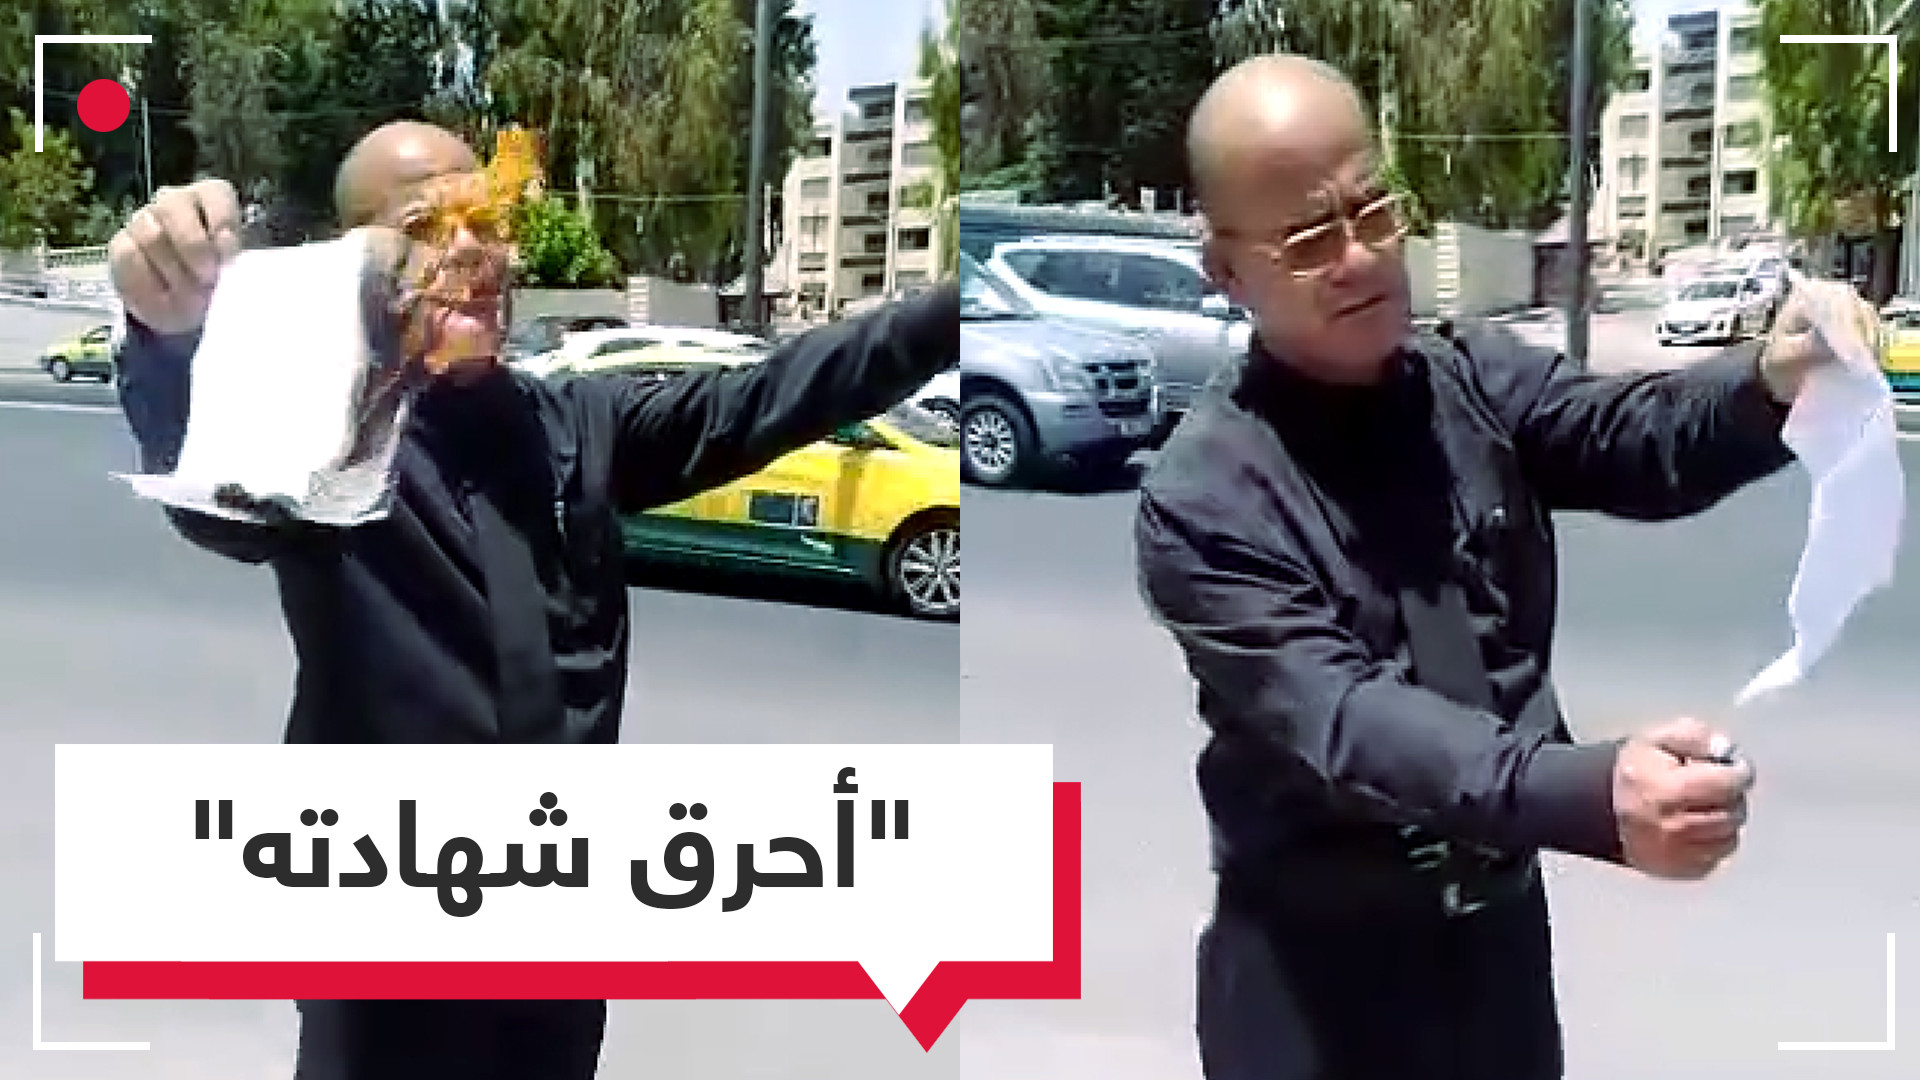 دكتور جامعي أردني يحرق شهادته الجامعية احتجاجا على تعيين خريجي الجامعات الأجنبية